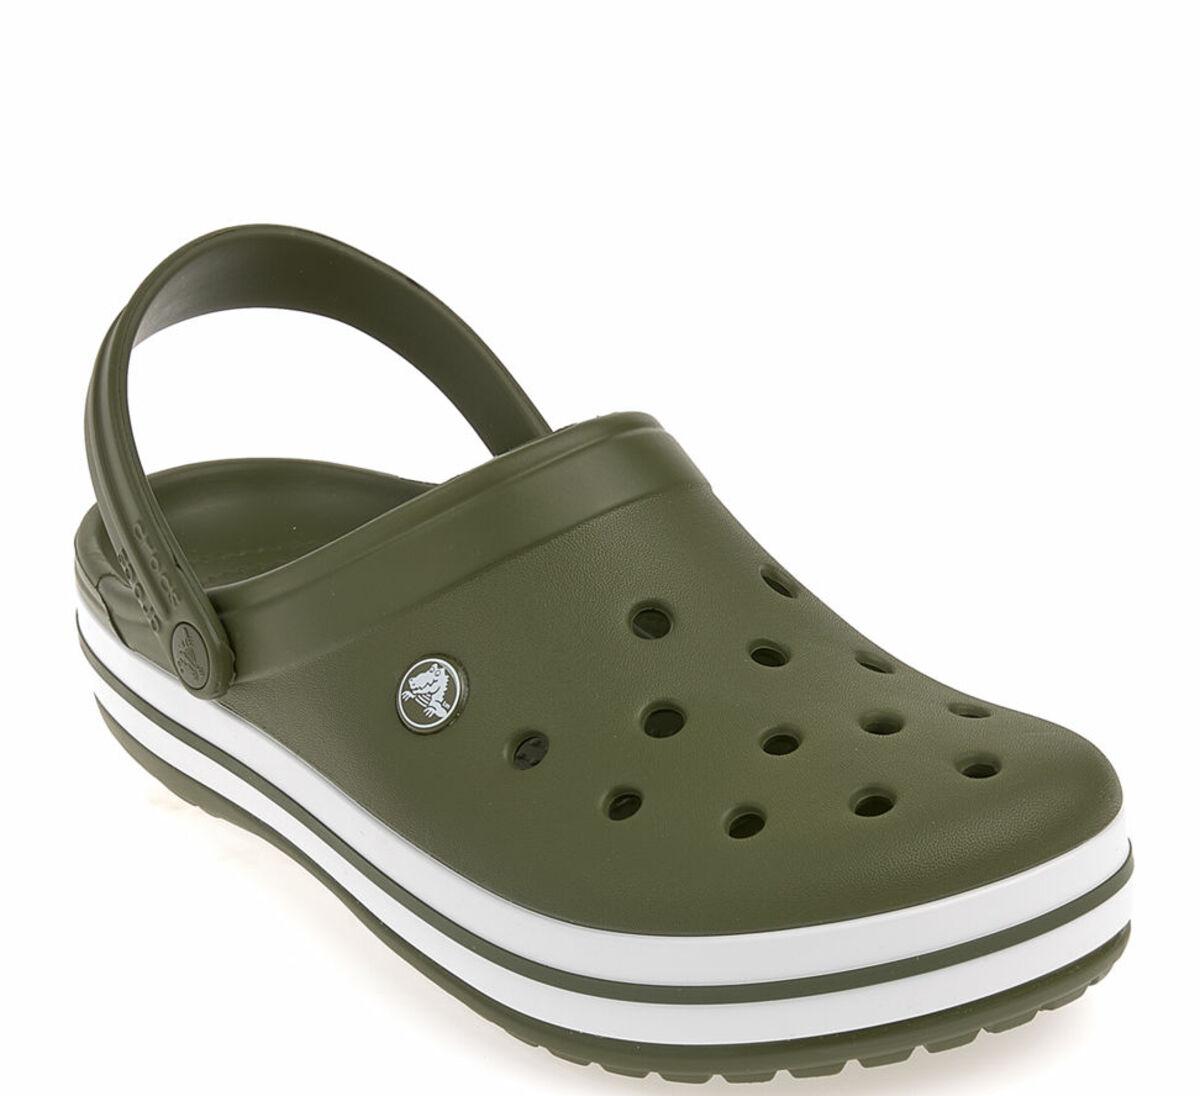 Bild 1 von Crocs Crocs - CLASSIC CLOG